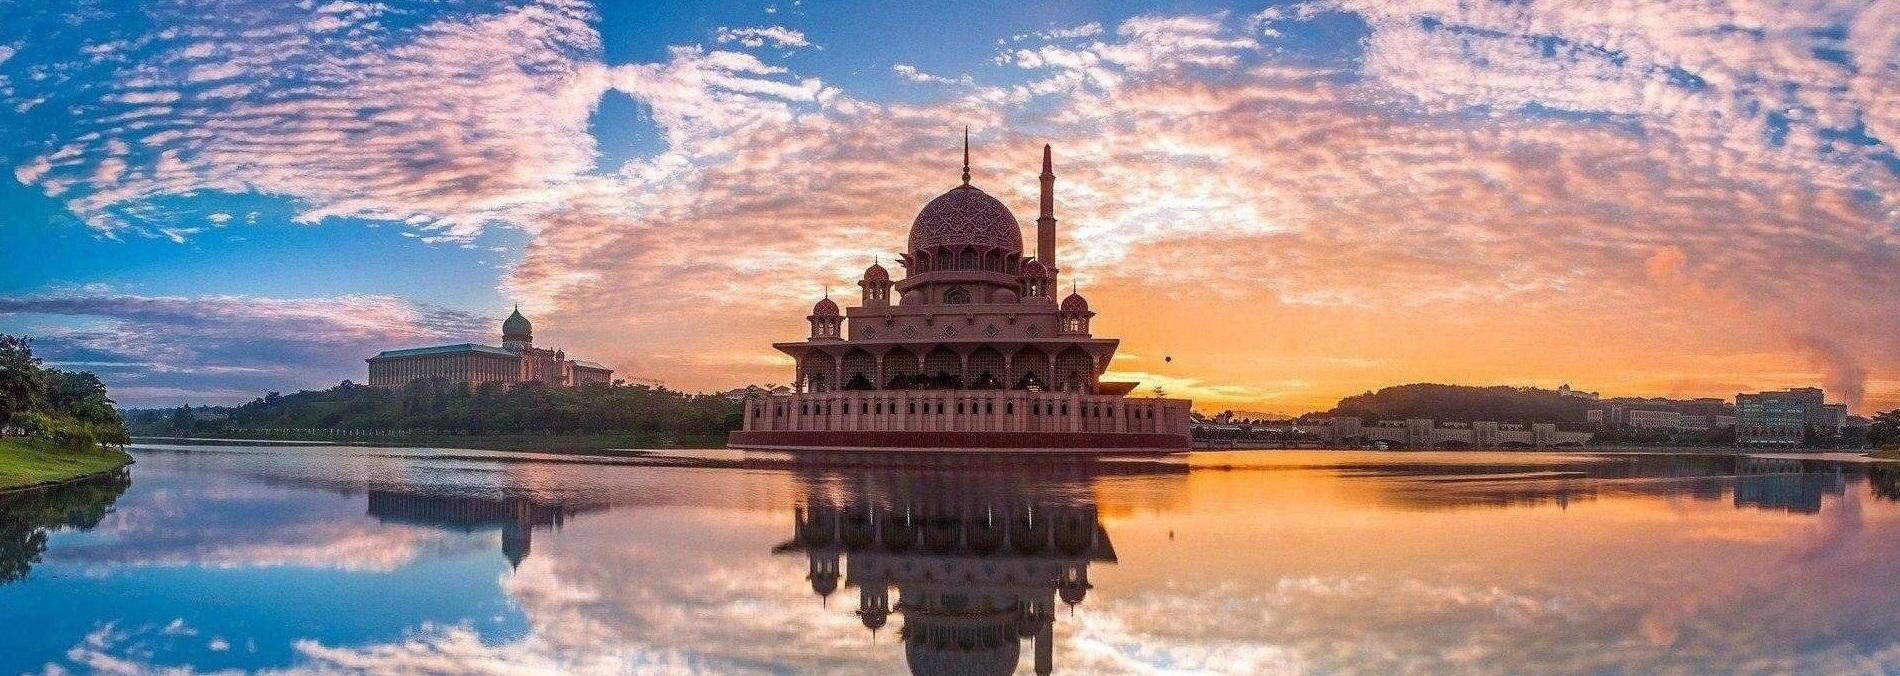 راهنمای سفر به مالزی ؛ از کوالالامپور تا لنکاوی